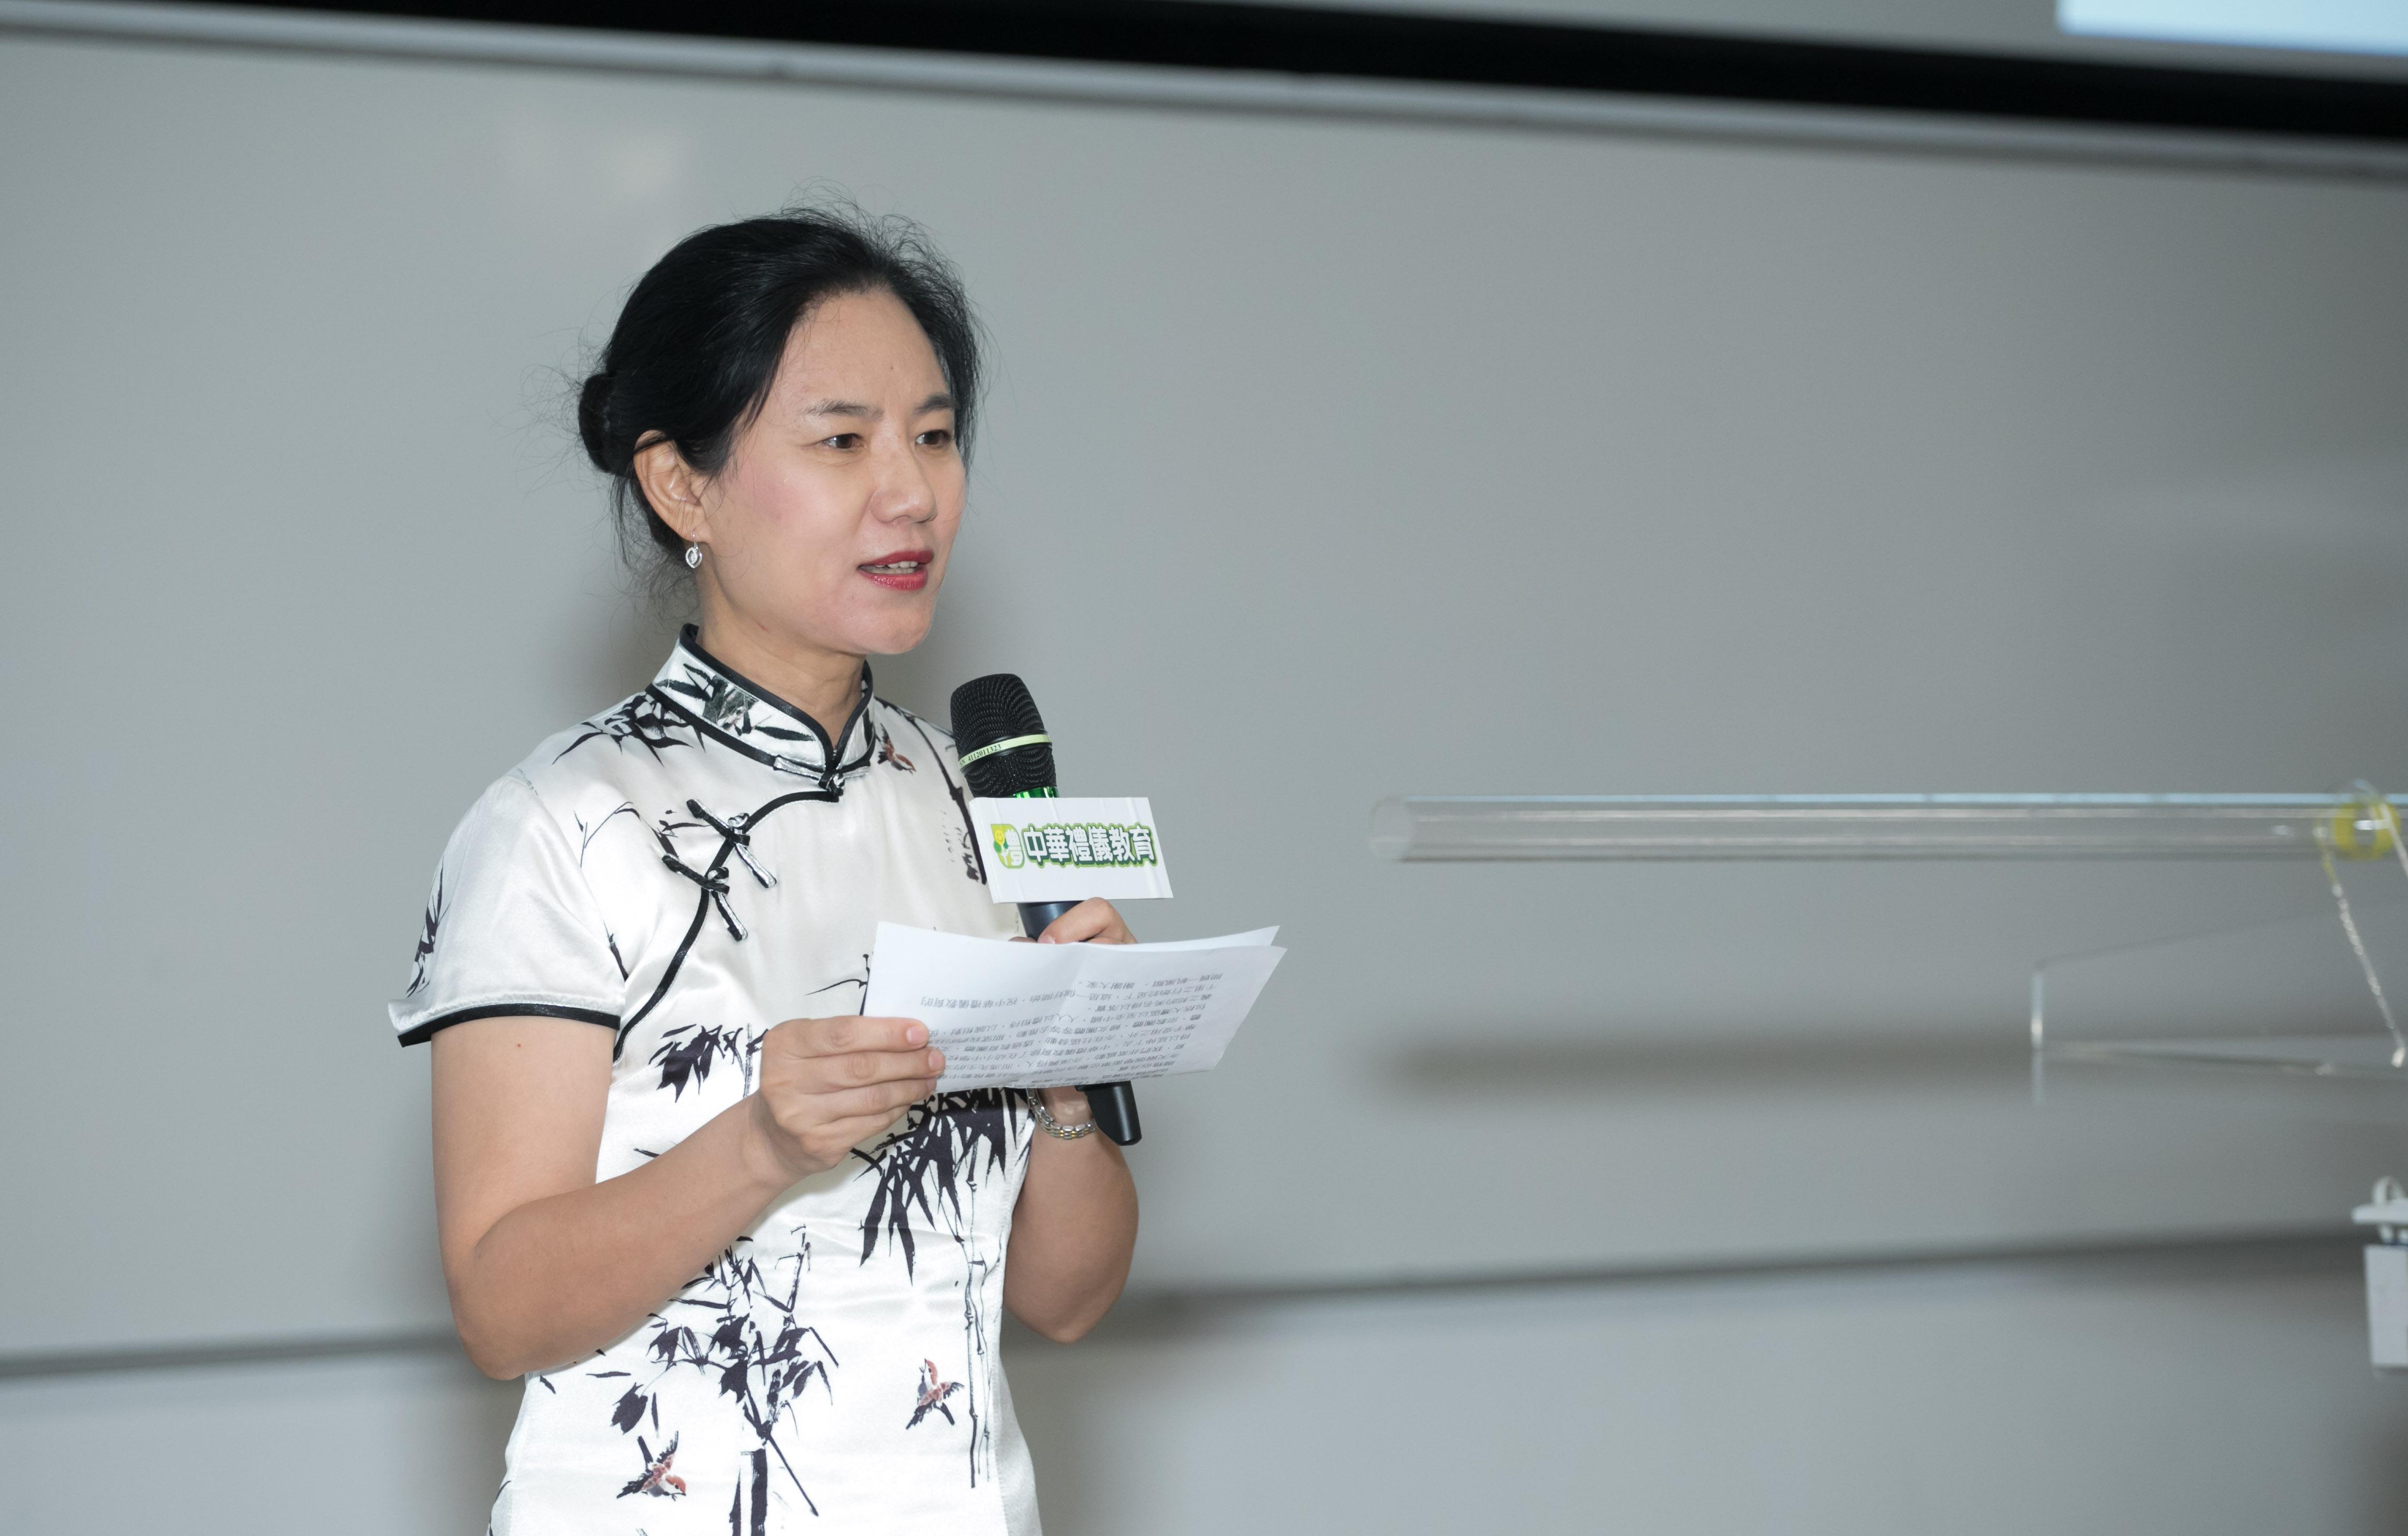 教育傳媒:馮燊均國學基金會秘書長鮑俊萍表示,通過教育、文化、宗教、婦女等團體一起推動中華禮儀教育。